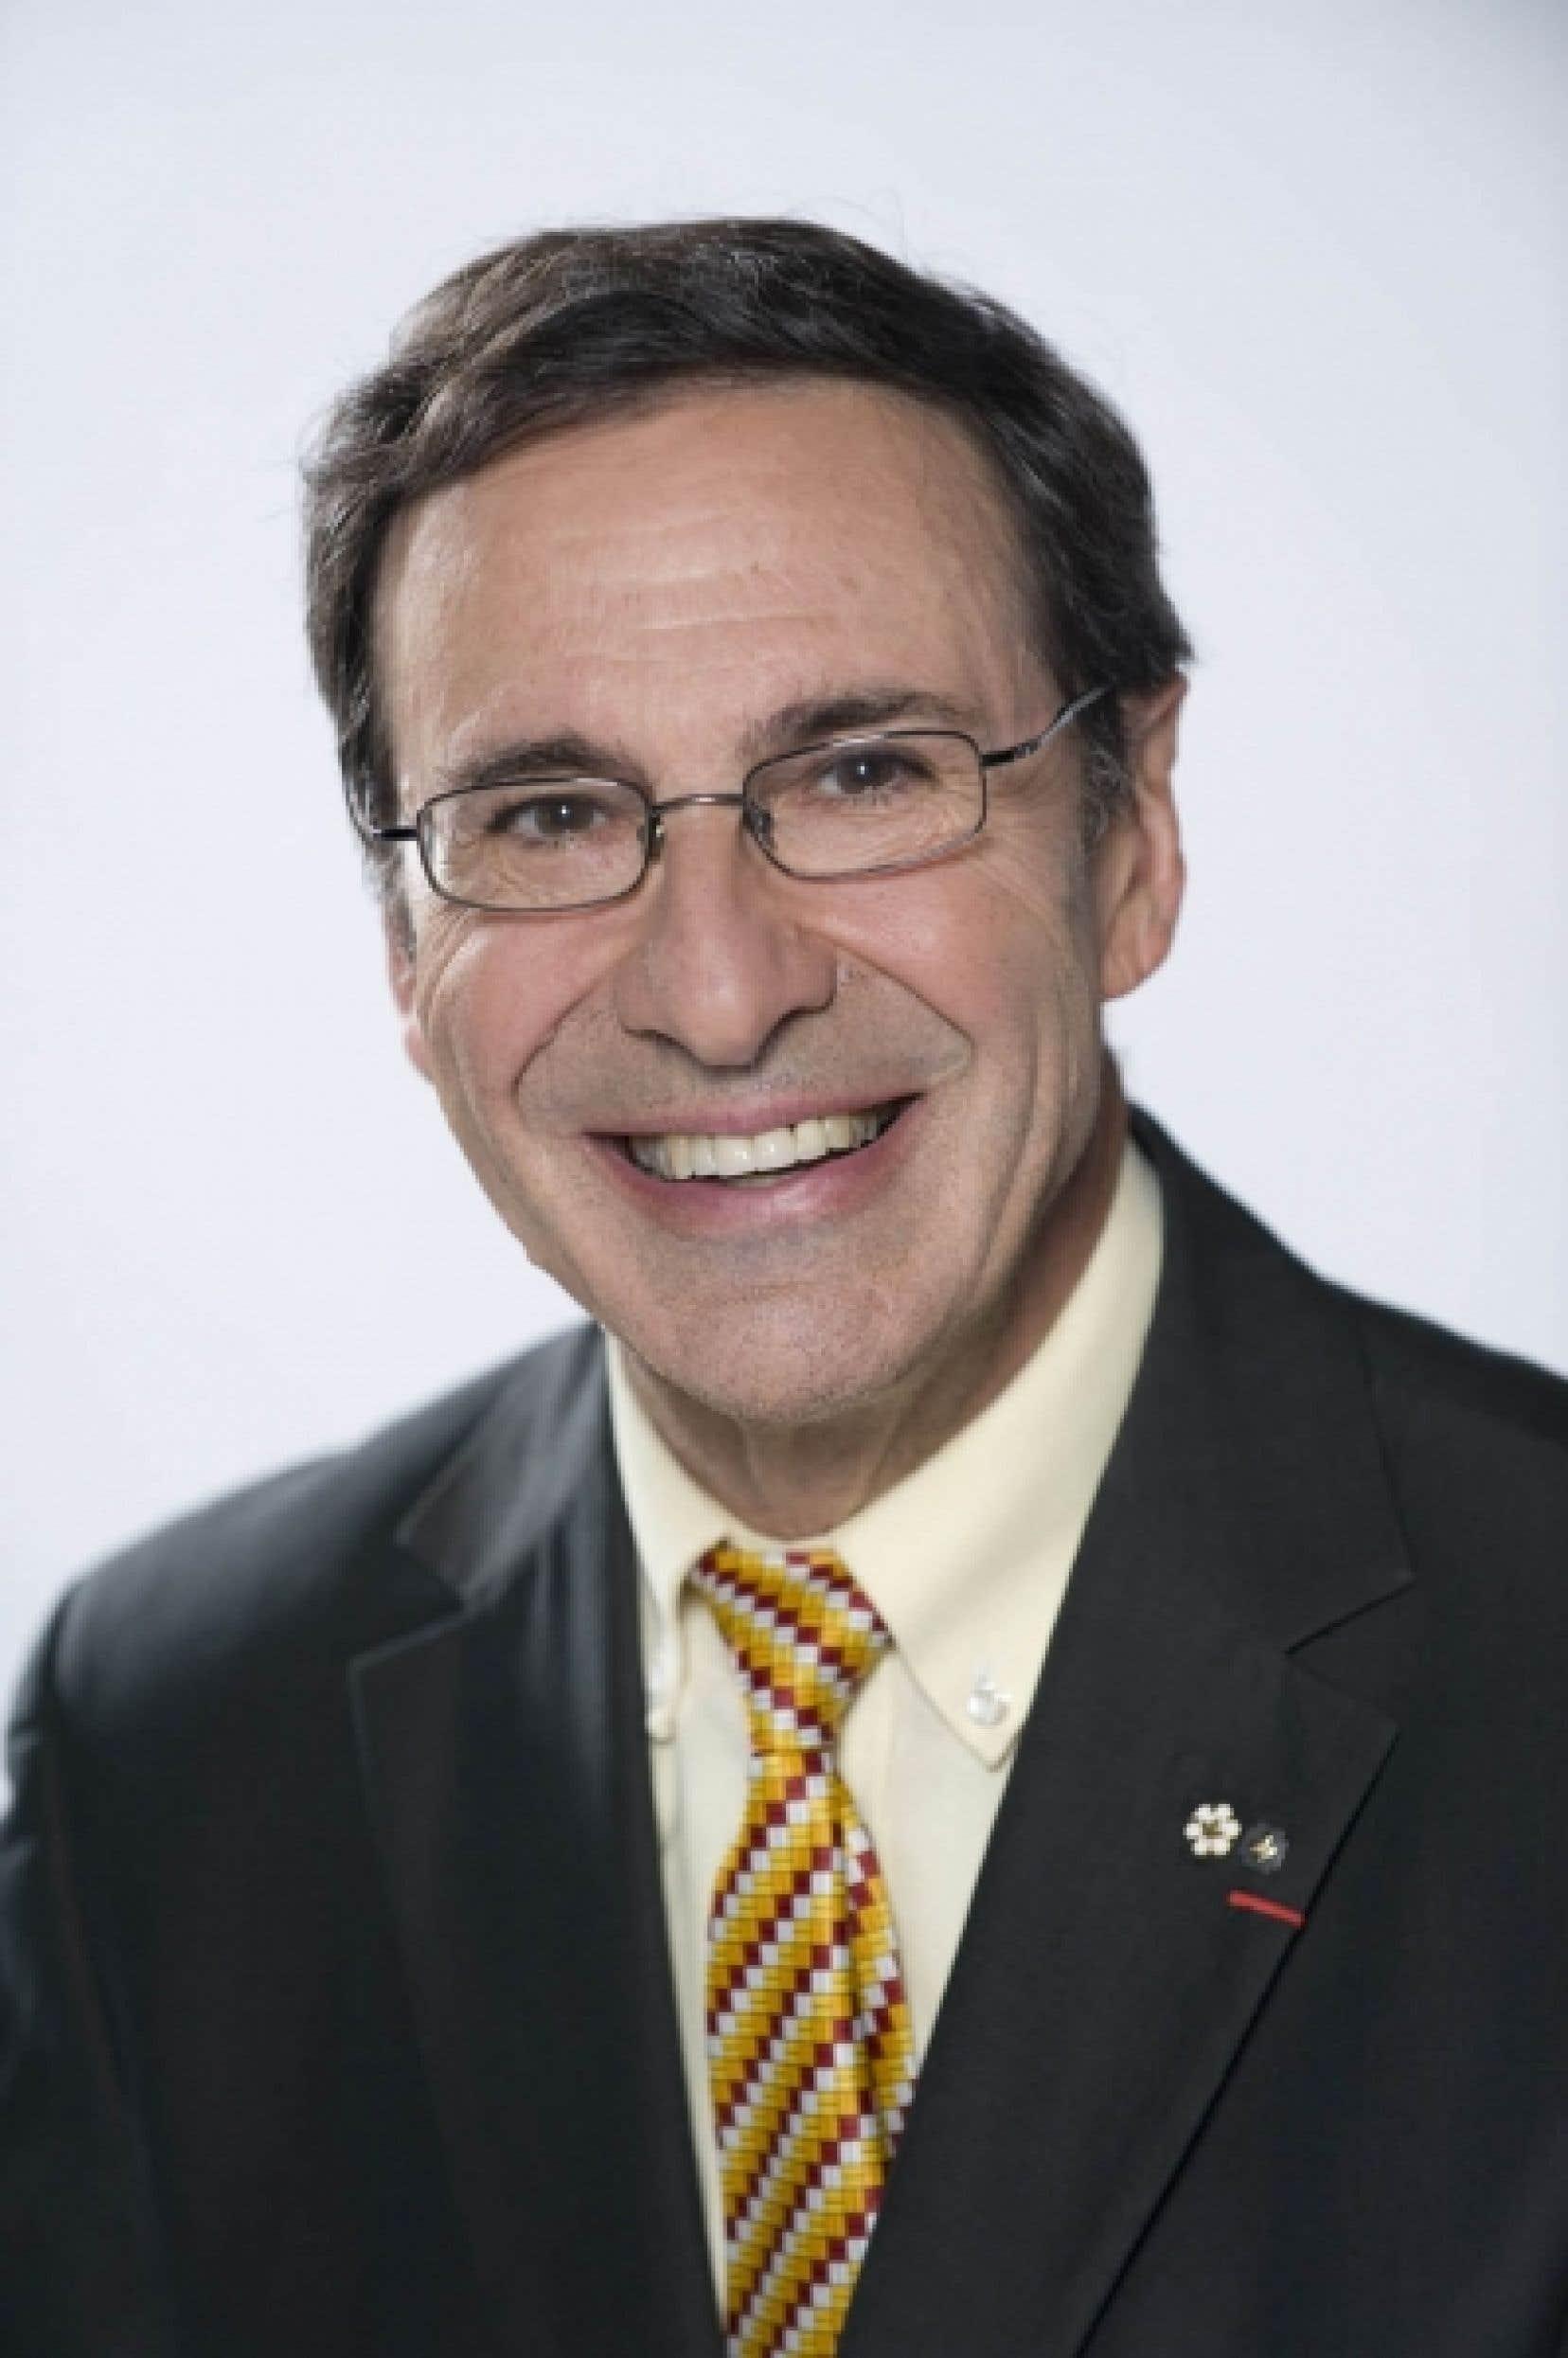 Mark Wainberg